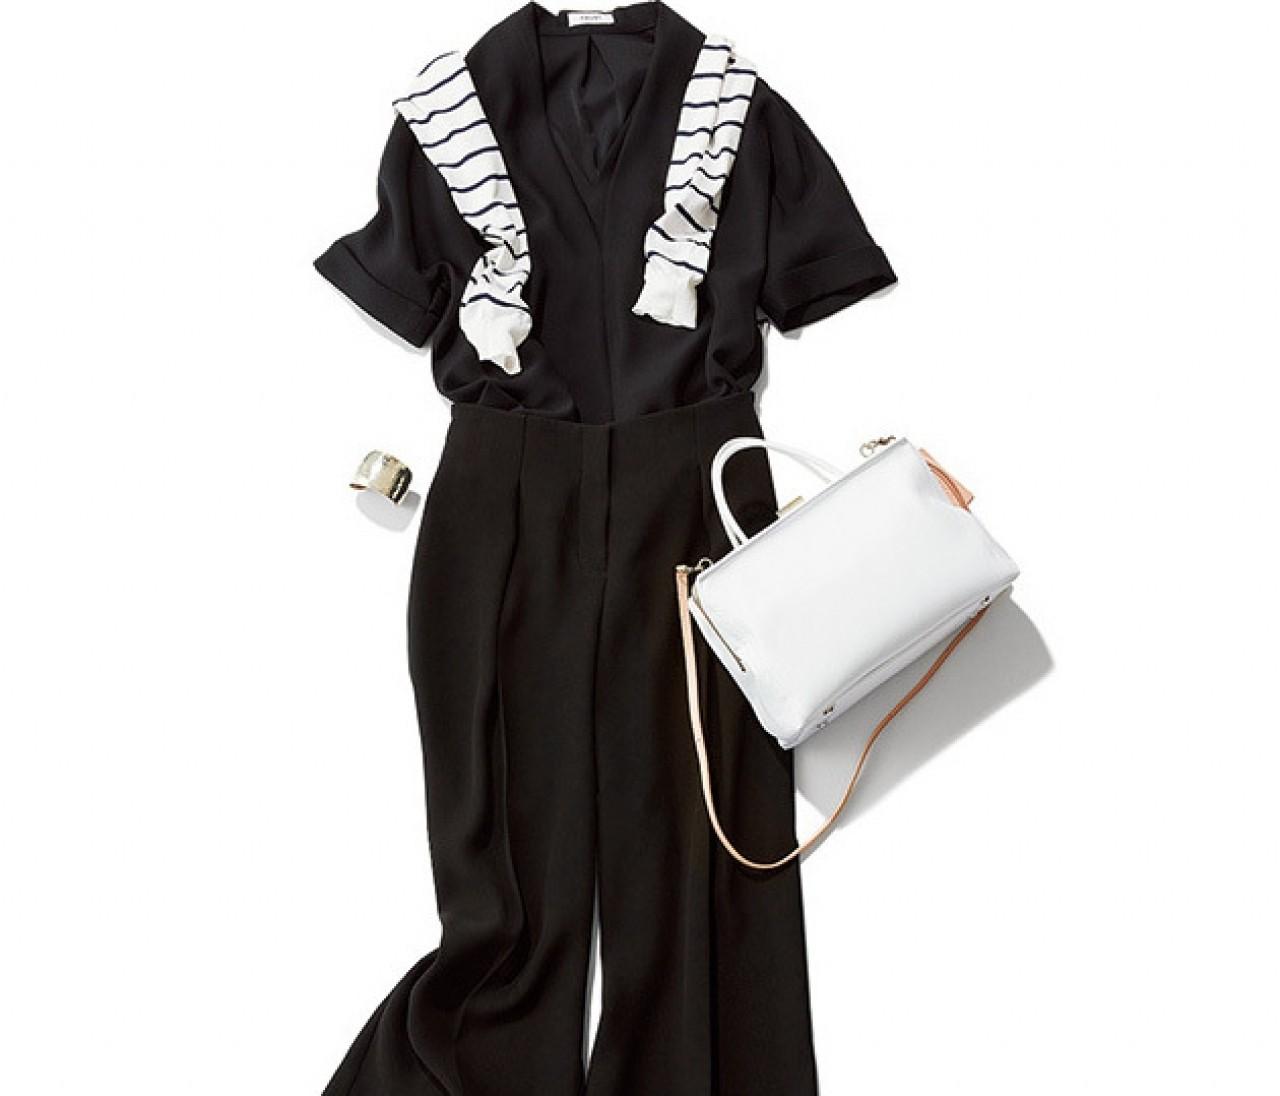 ブラックセットアップでも涼しげ♡ 夏の差し色は白&シルバーが鉄板です!